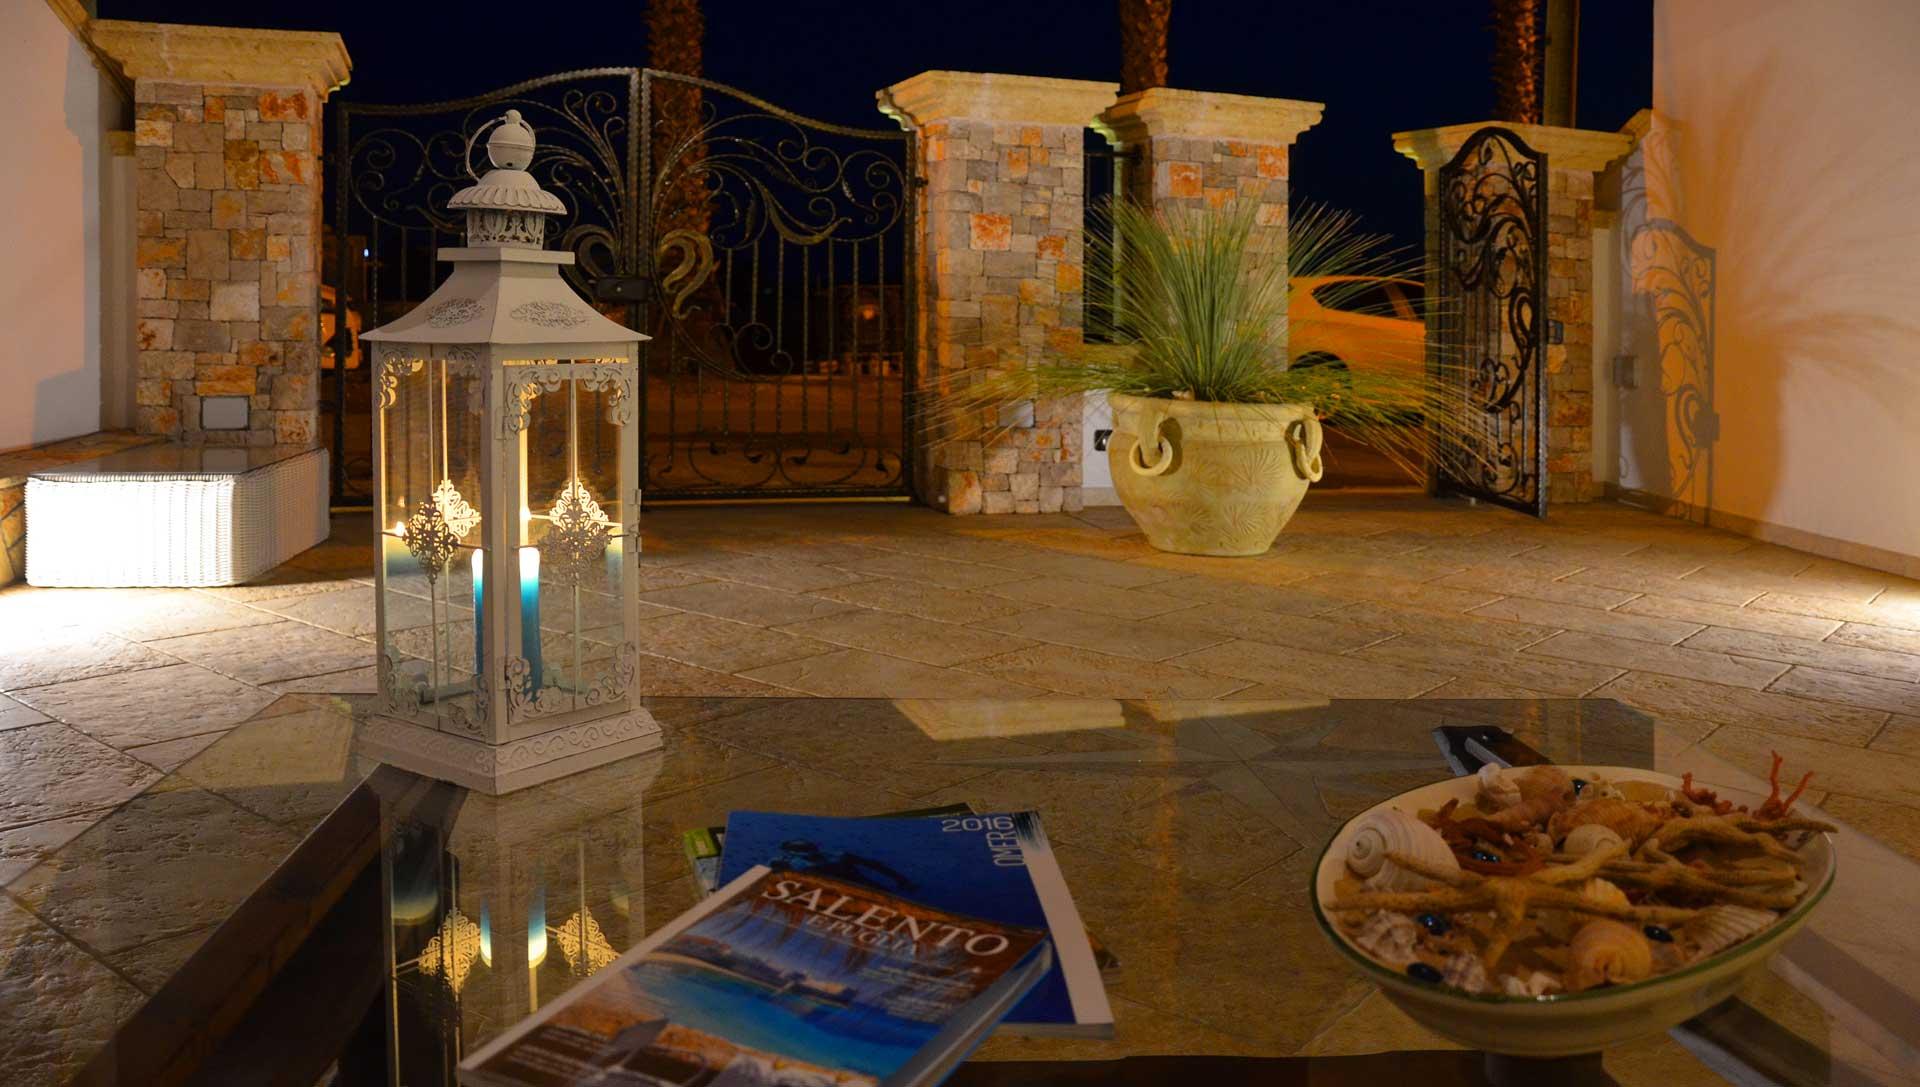 B&B Anemos - Morciano di Leuca - (Lecce), Salento - Spazi esterni finemente curati, ideali per ammirare i tramonti che il Salento sa regalare